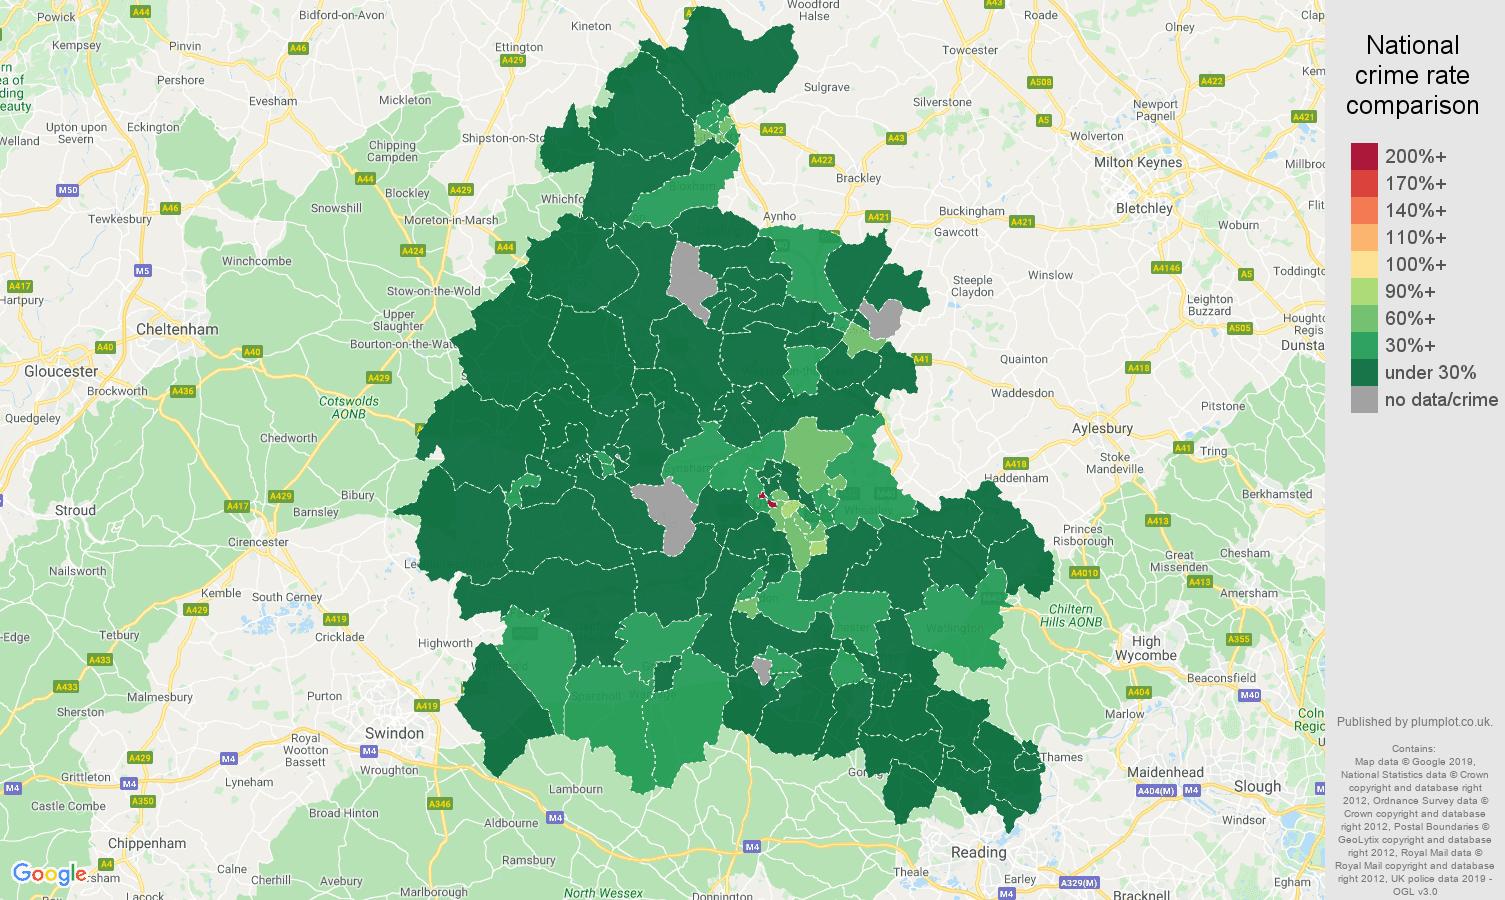 Oxfordshire public order crime rate comparison map